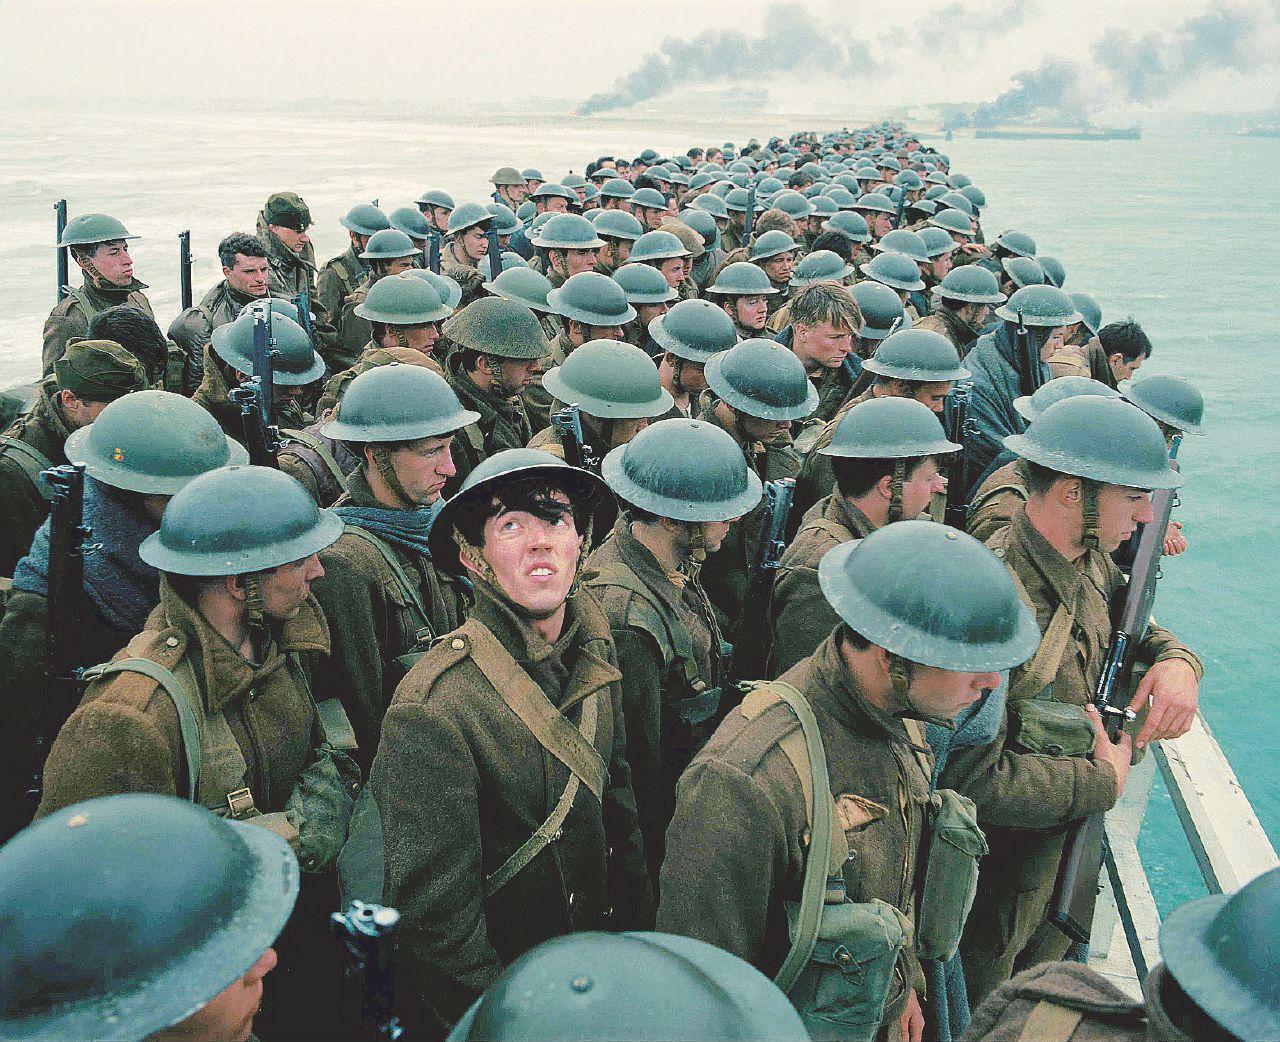 Dunkirk: così vola il cinema di Nolan, libero dalle parole